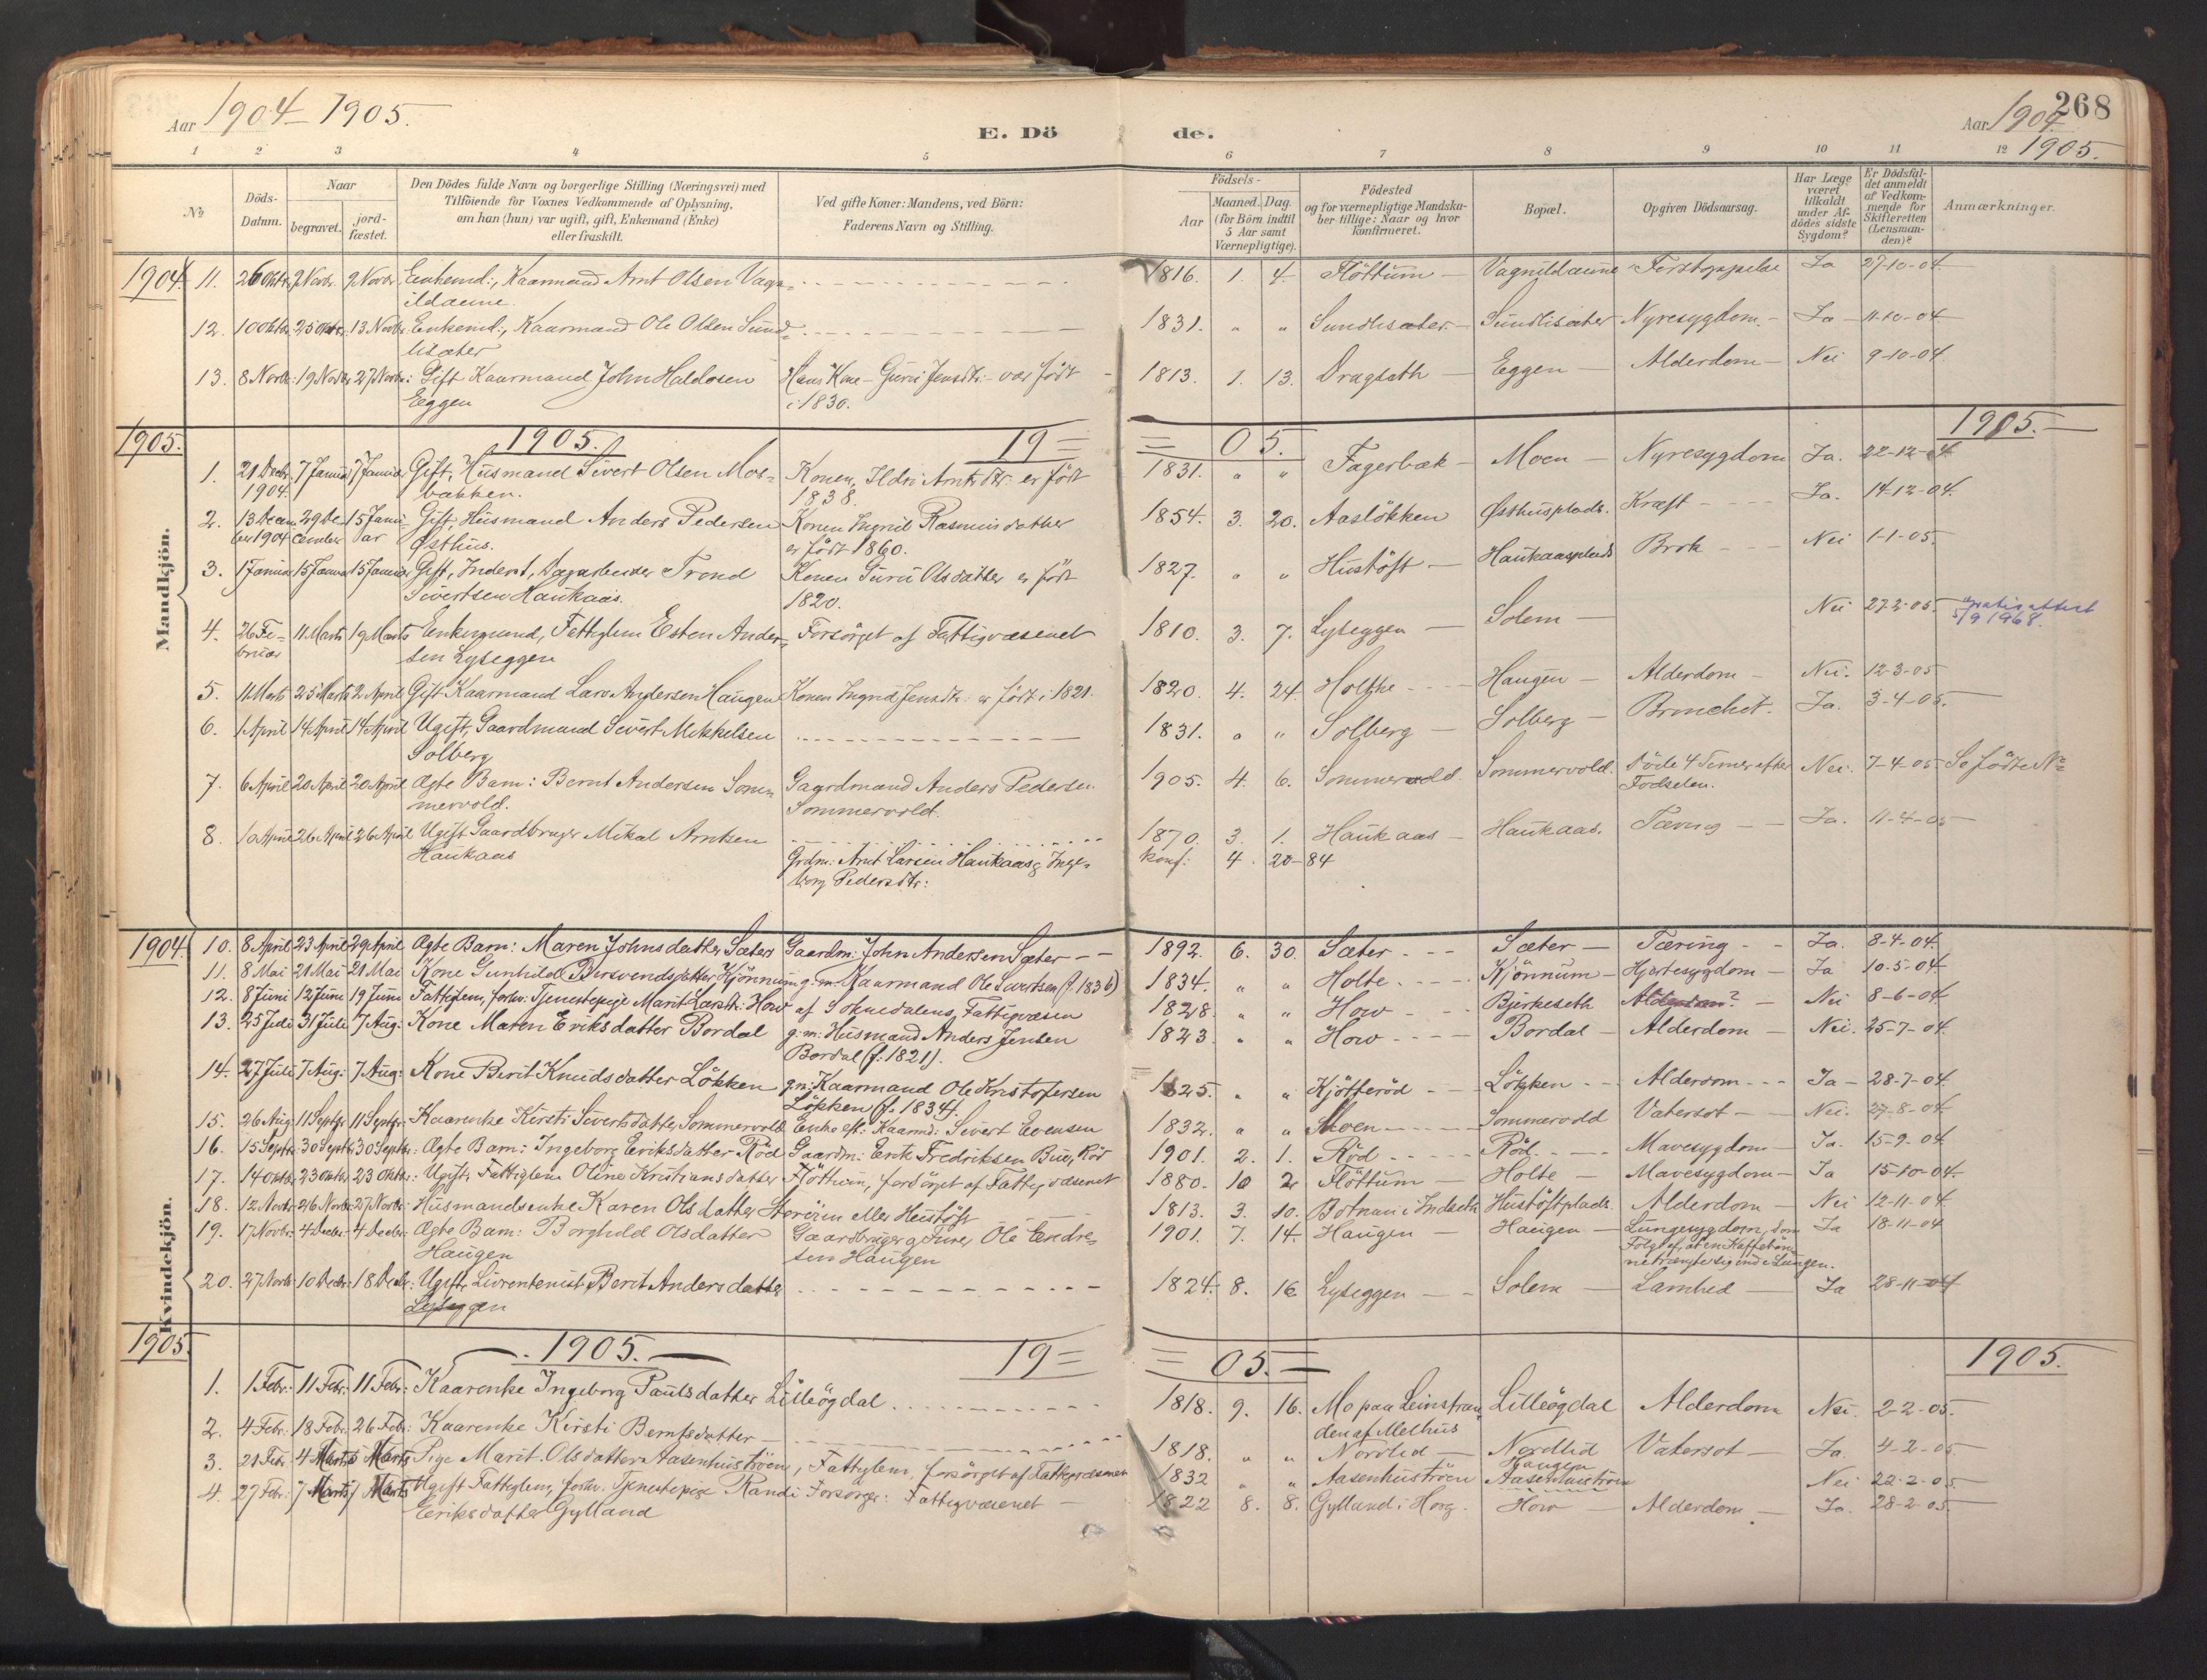 SAT, Ministerialprotokoller, klokkerbøker og fødselsregistre - Sør-Trøndelag, 689/L1041: Ministerialbok nr. 689A06, 1891-1923, s. 268